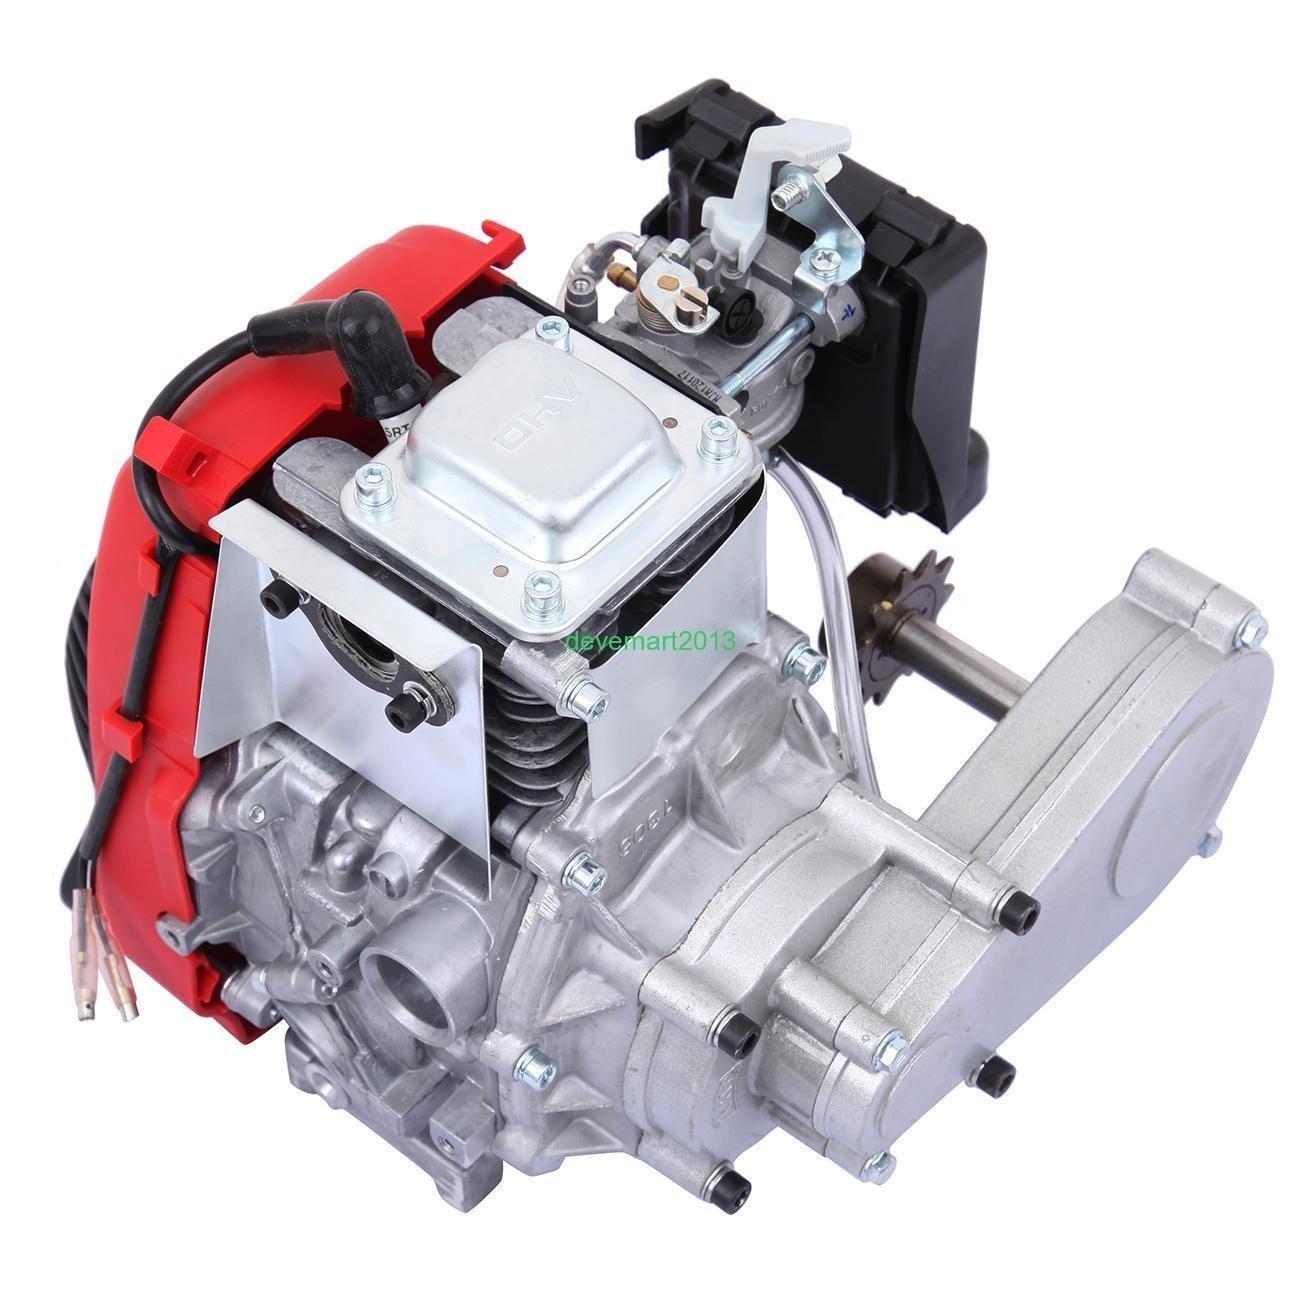 Amazon com : 49cc 4-Stroke Cycle Engine Motor Kit Motorized